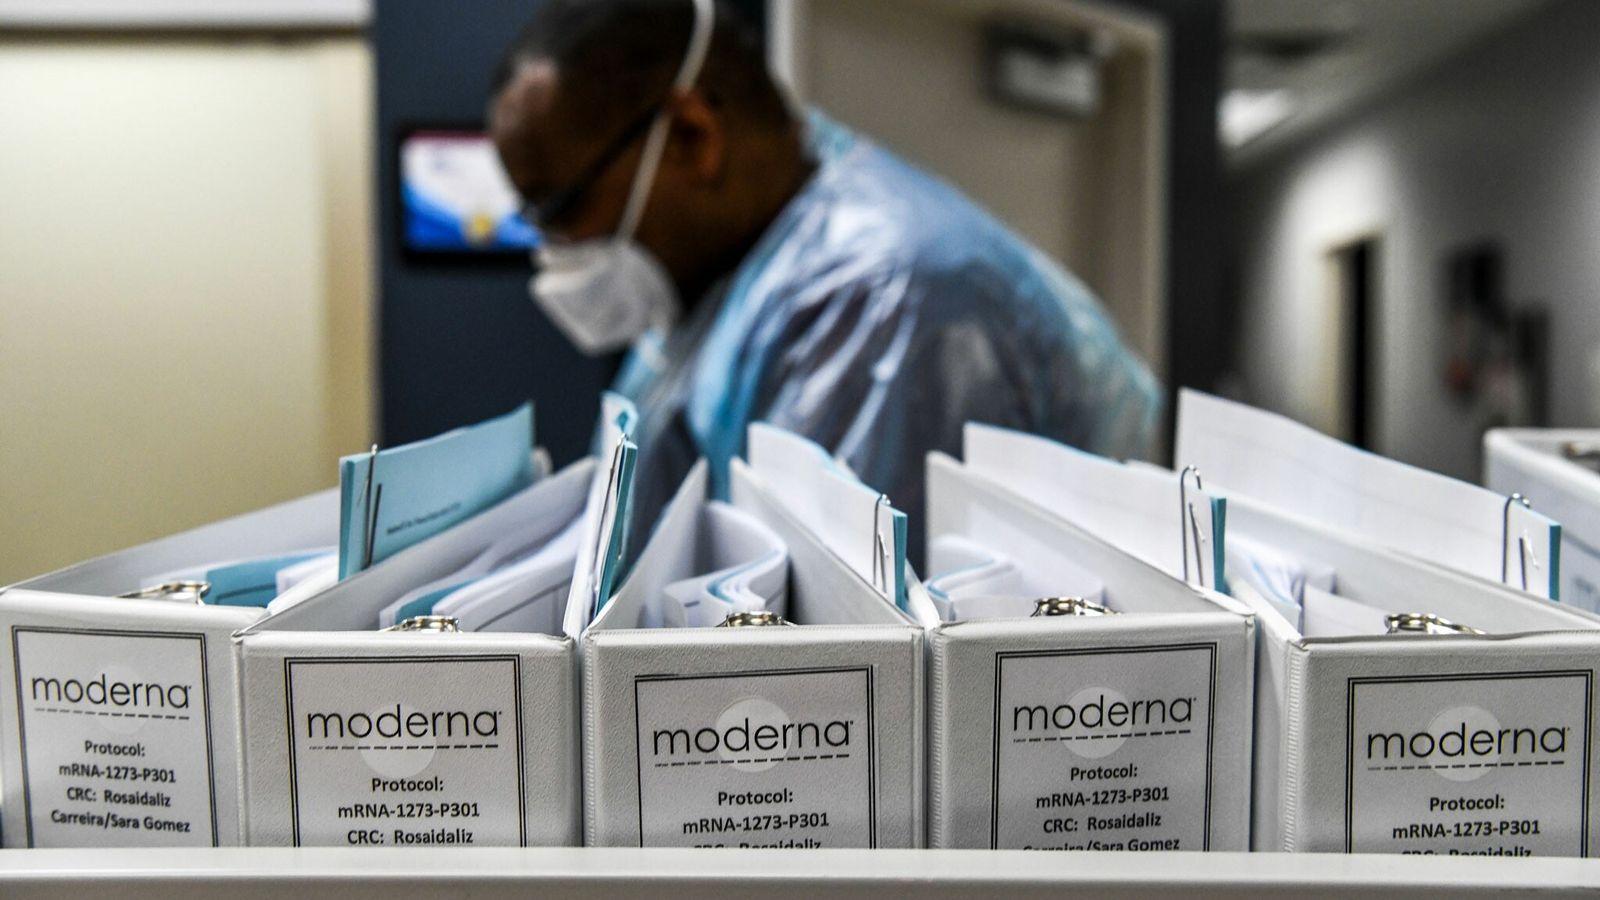 Archivos de protocolo de vacunación de Moderna